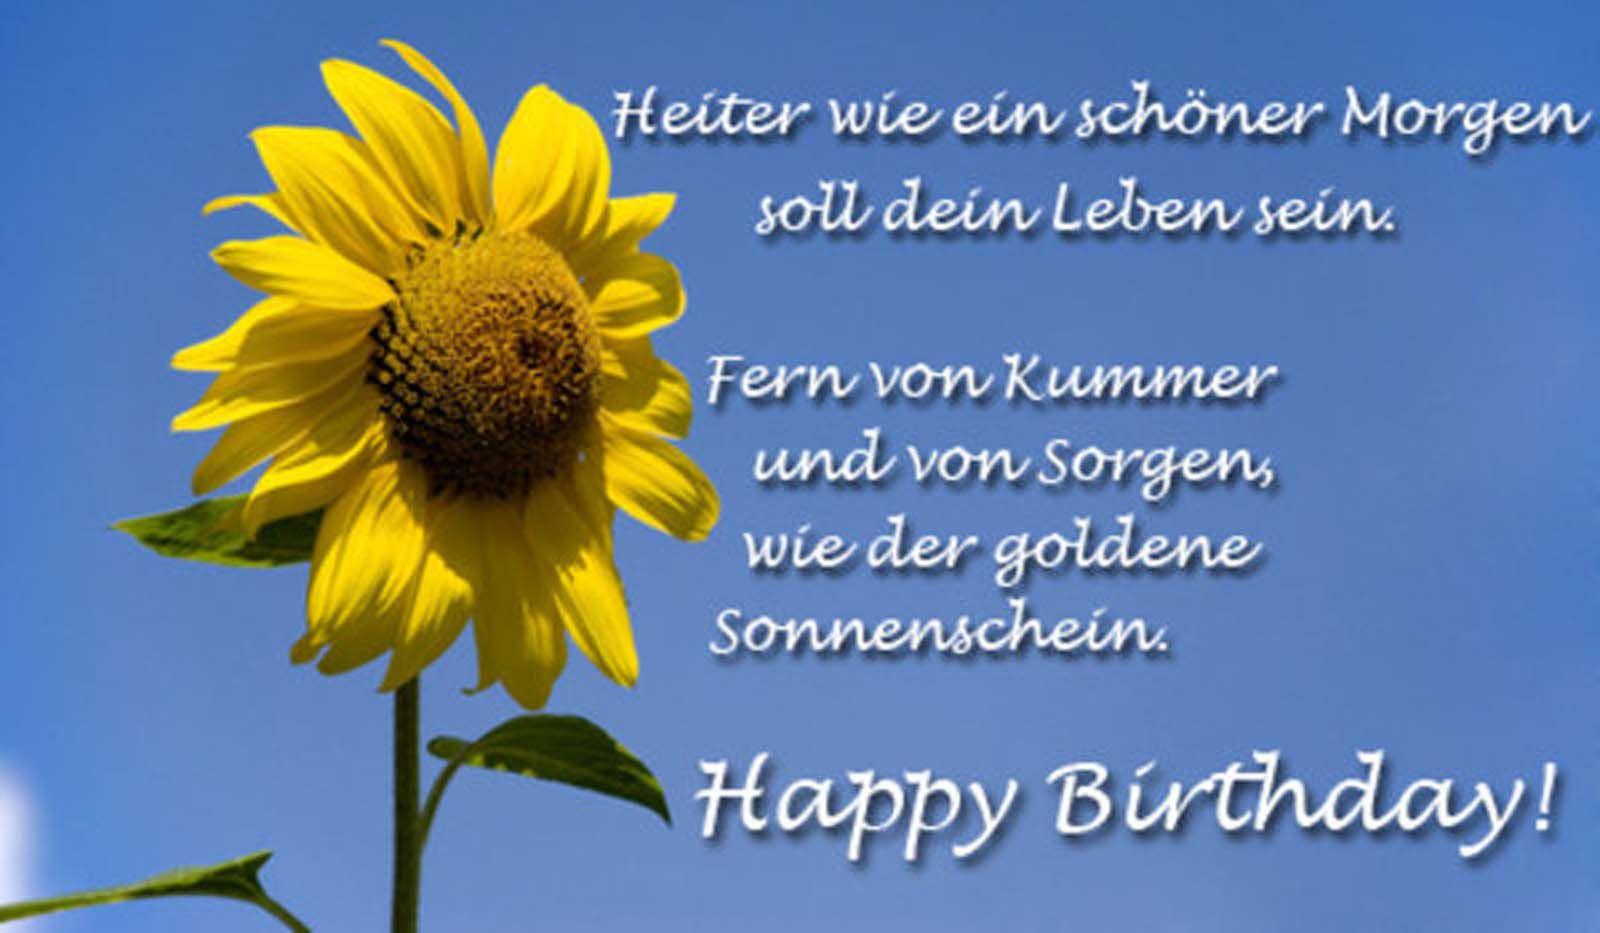 Geburtstagsglückwünsche Bilder  Alles Gute Zum Geburtstag